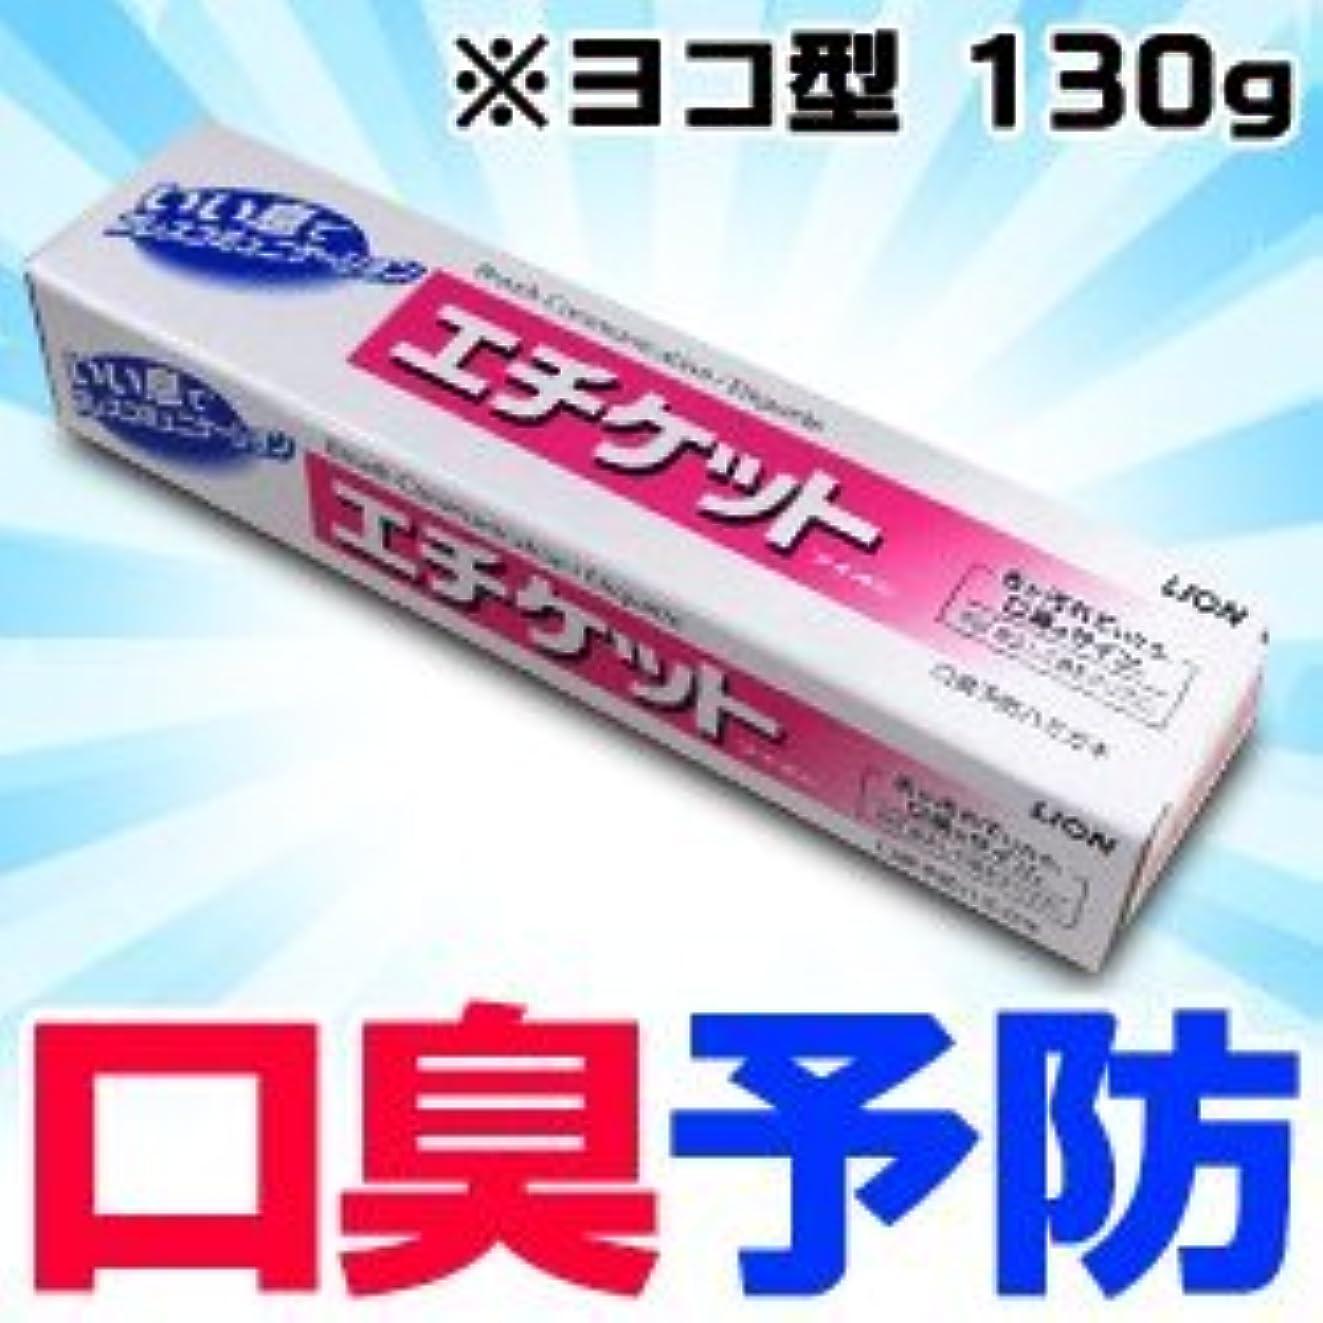 ペア争い深遠【ライオン】口臭予防ハミガキ「エチケットライオン」 130g ×10個セット